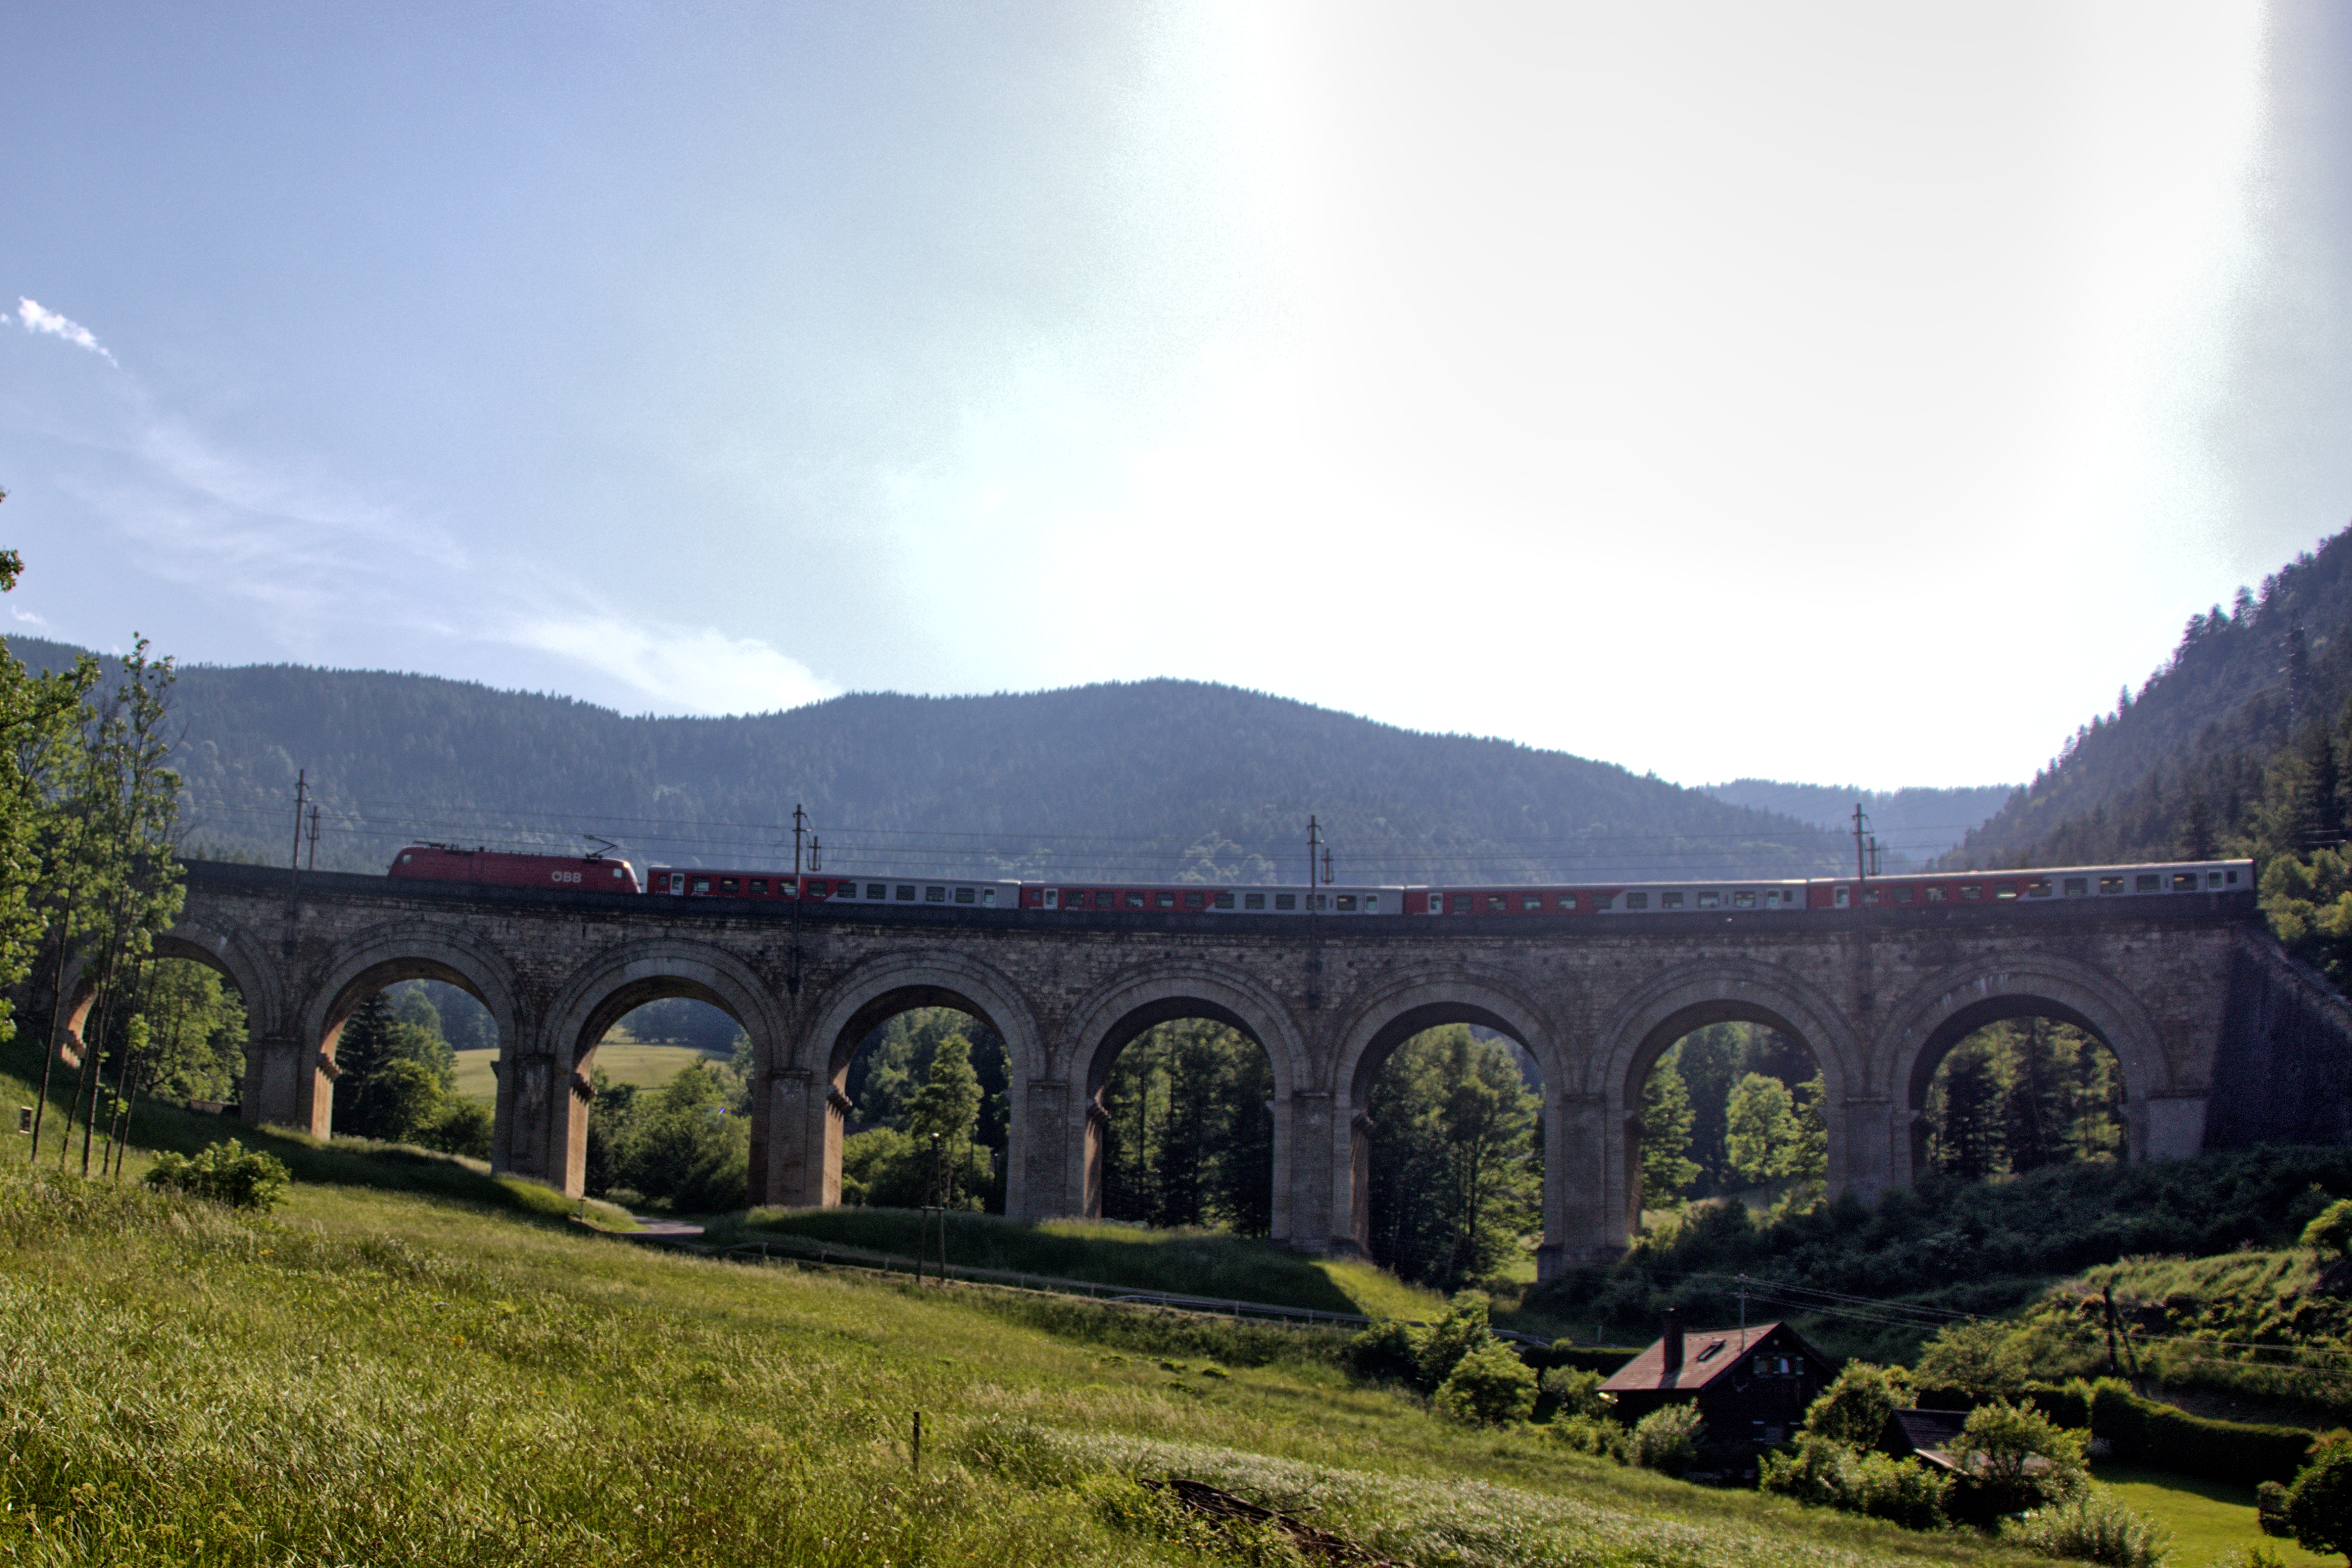 Eines von vielen Viadukten entlang der Strecke mit einer Taurus-Lok und einer Cityshuttle-Garnitur oben drauf